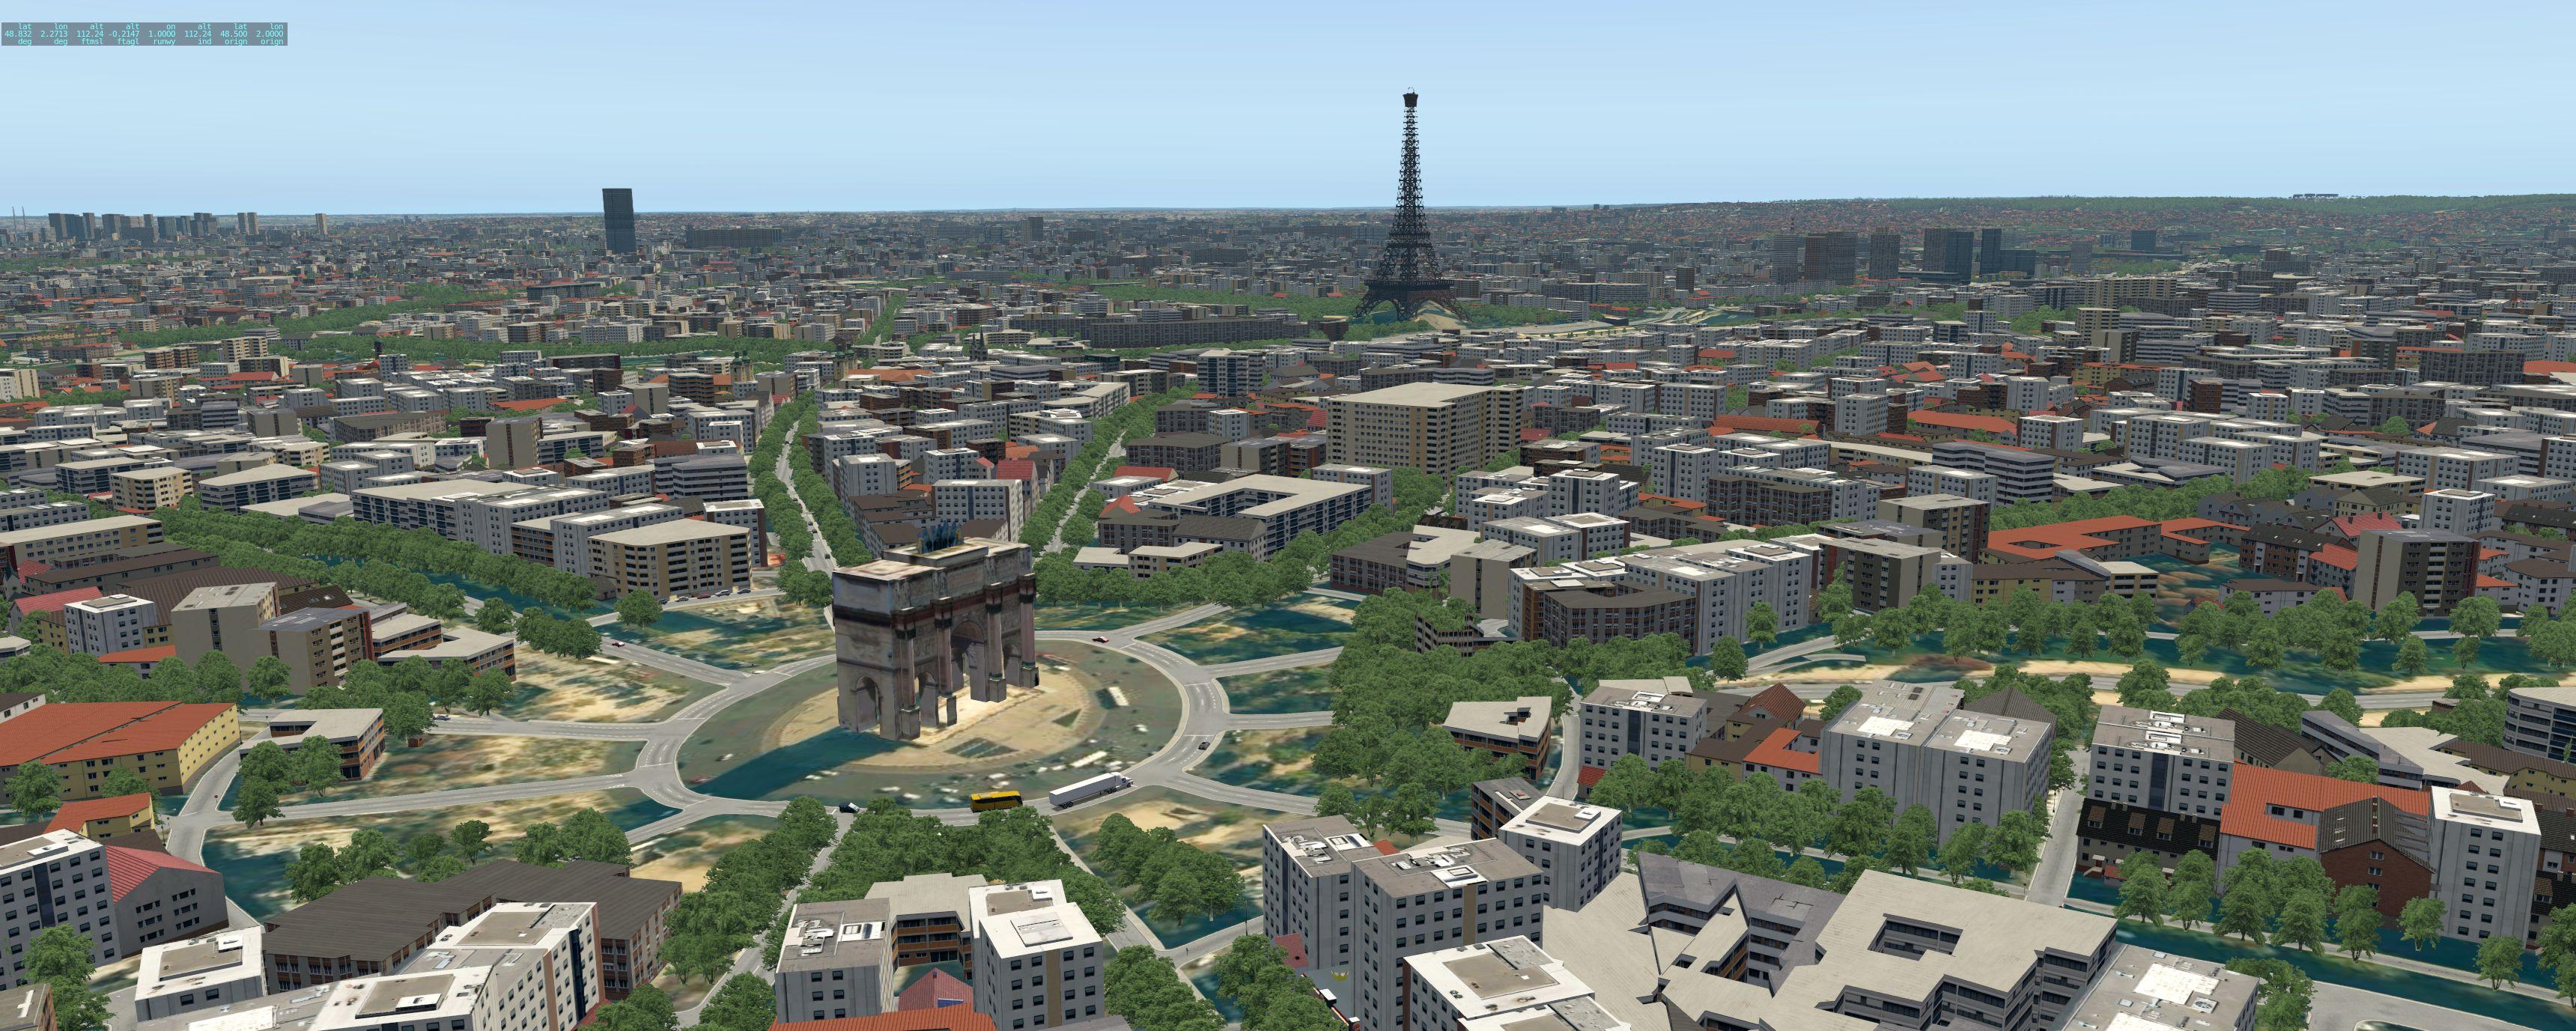 1_X-Europe-3_Paris4